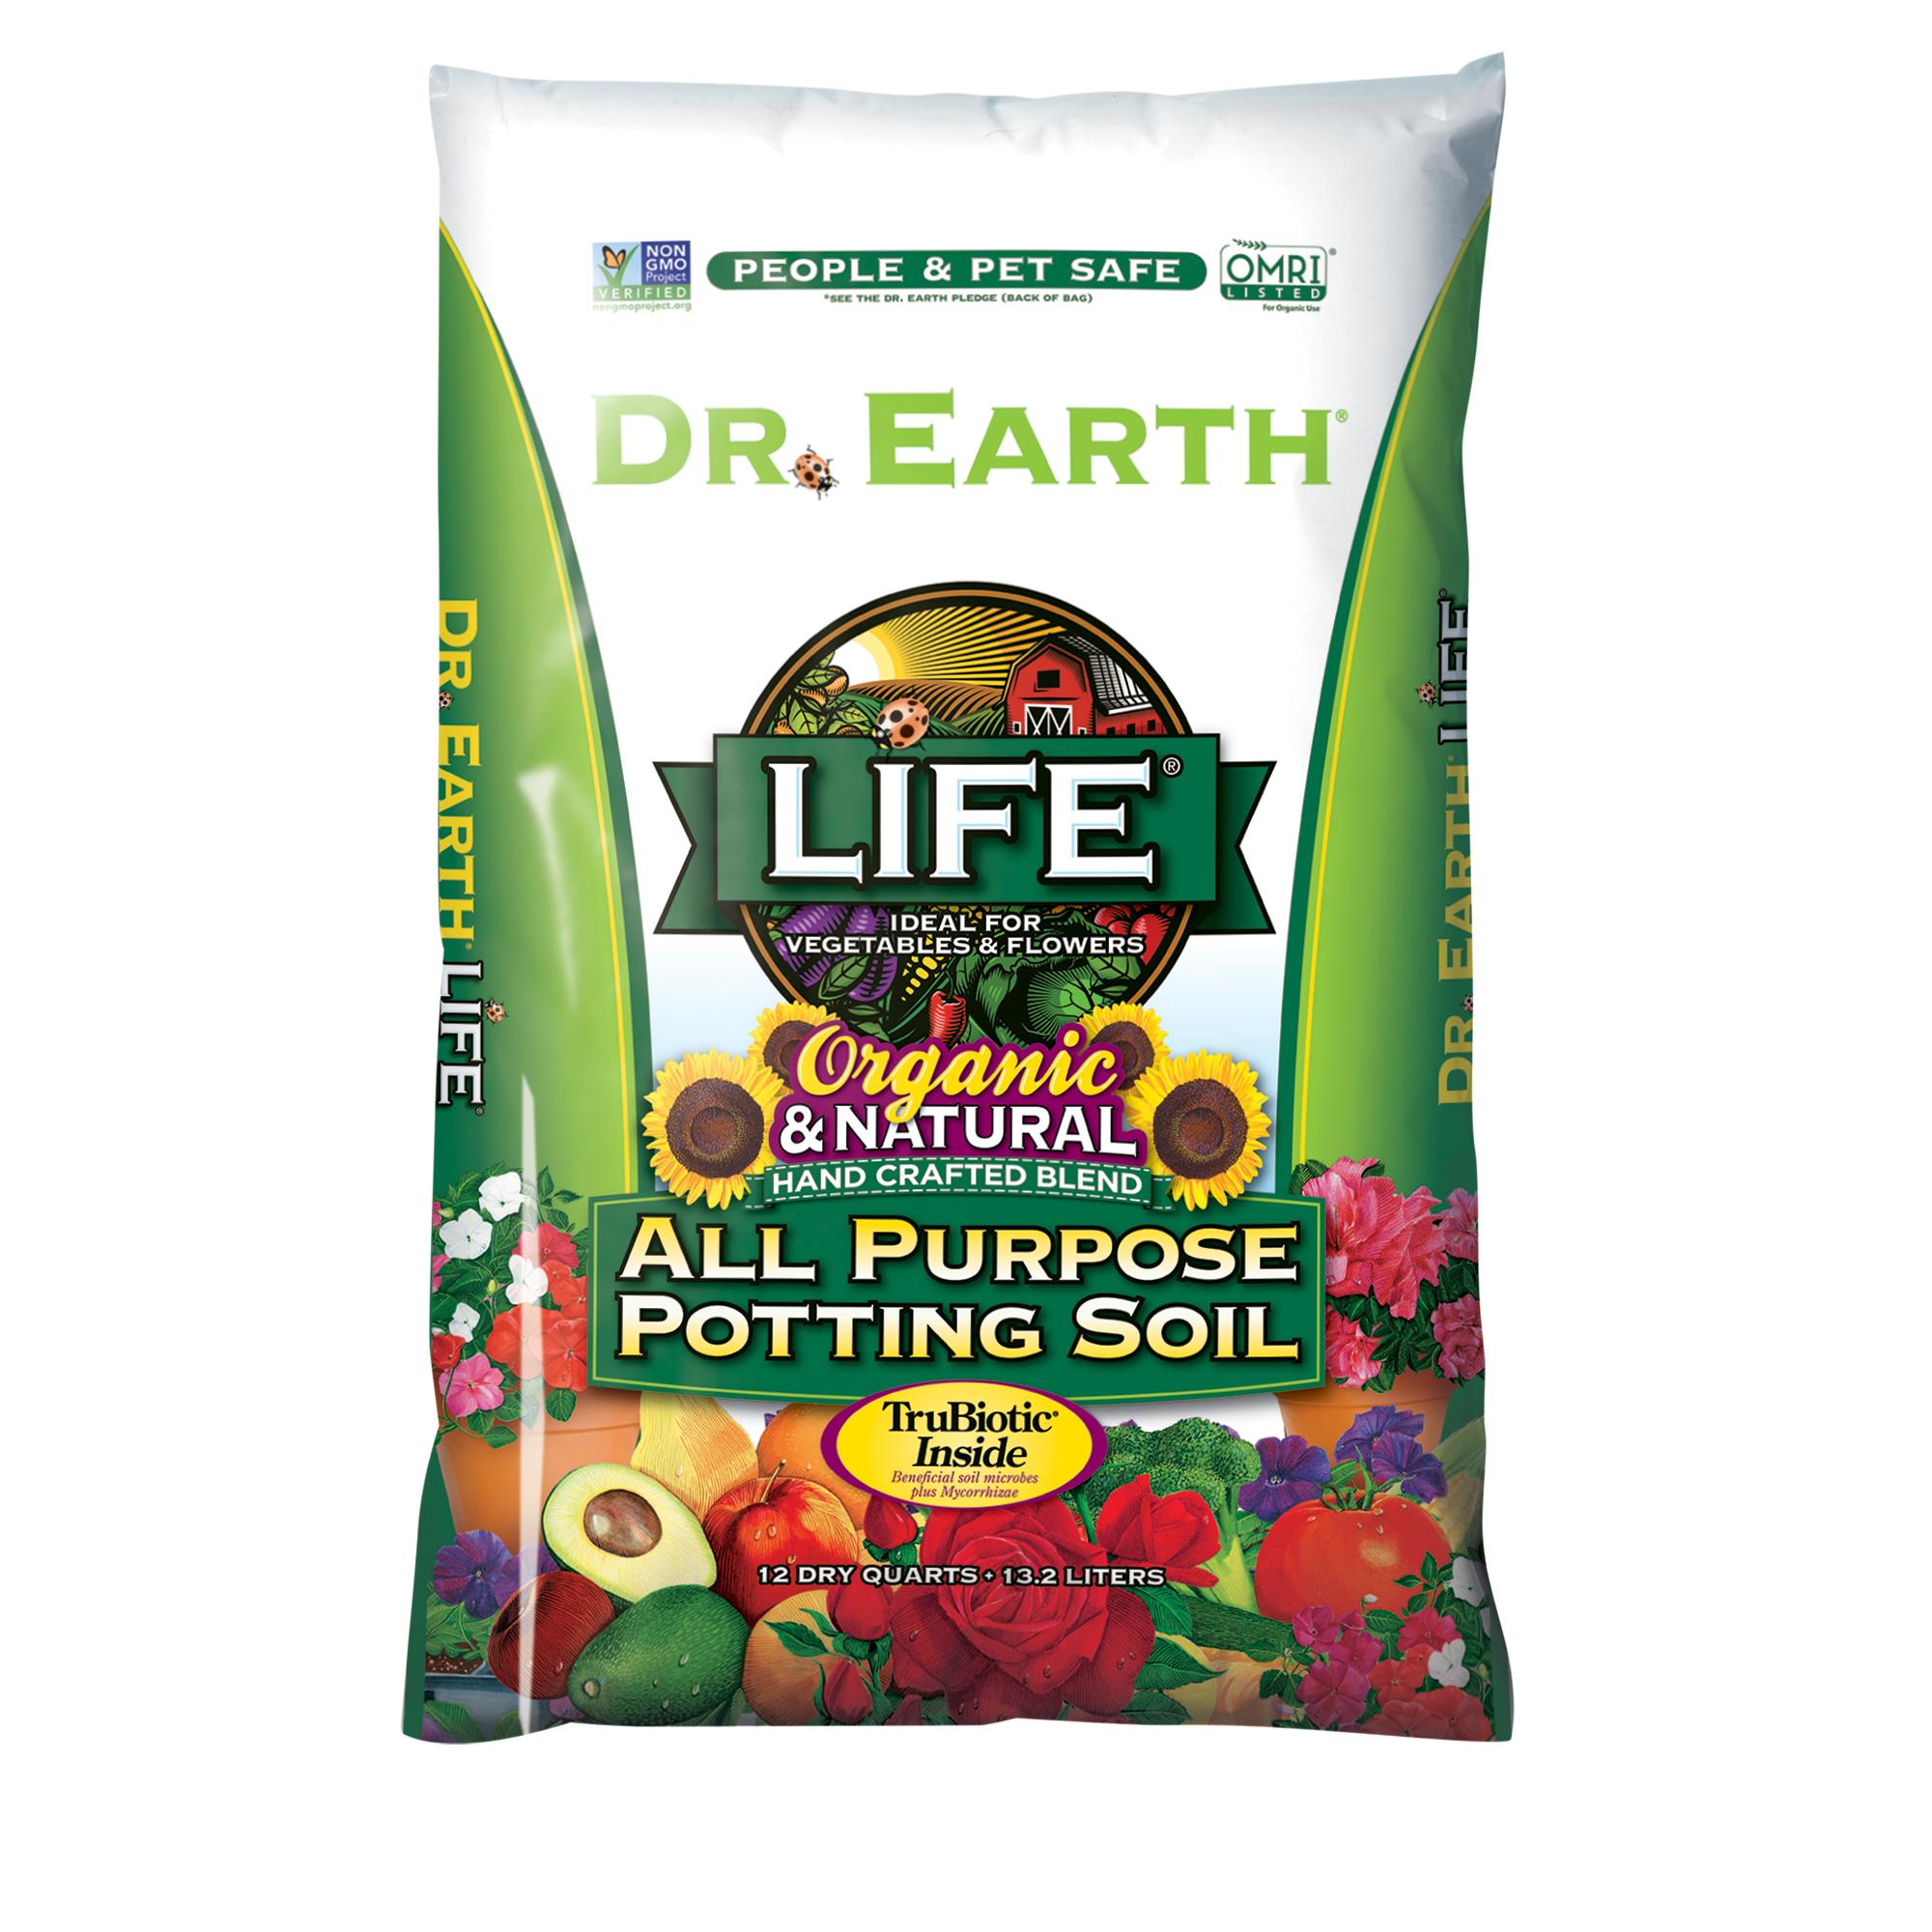 LIFE® ALL PURPOSE POTTING SOIL 12qt